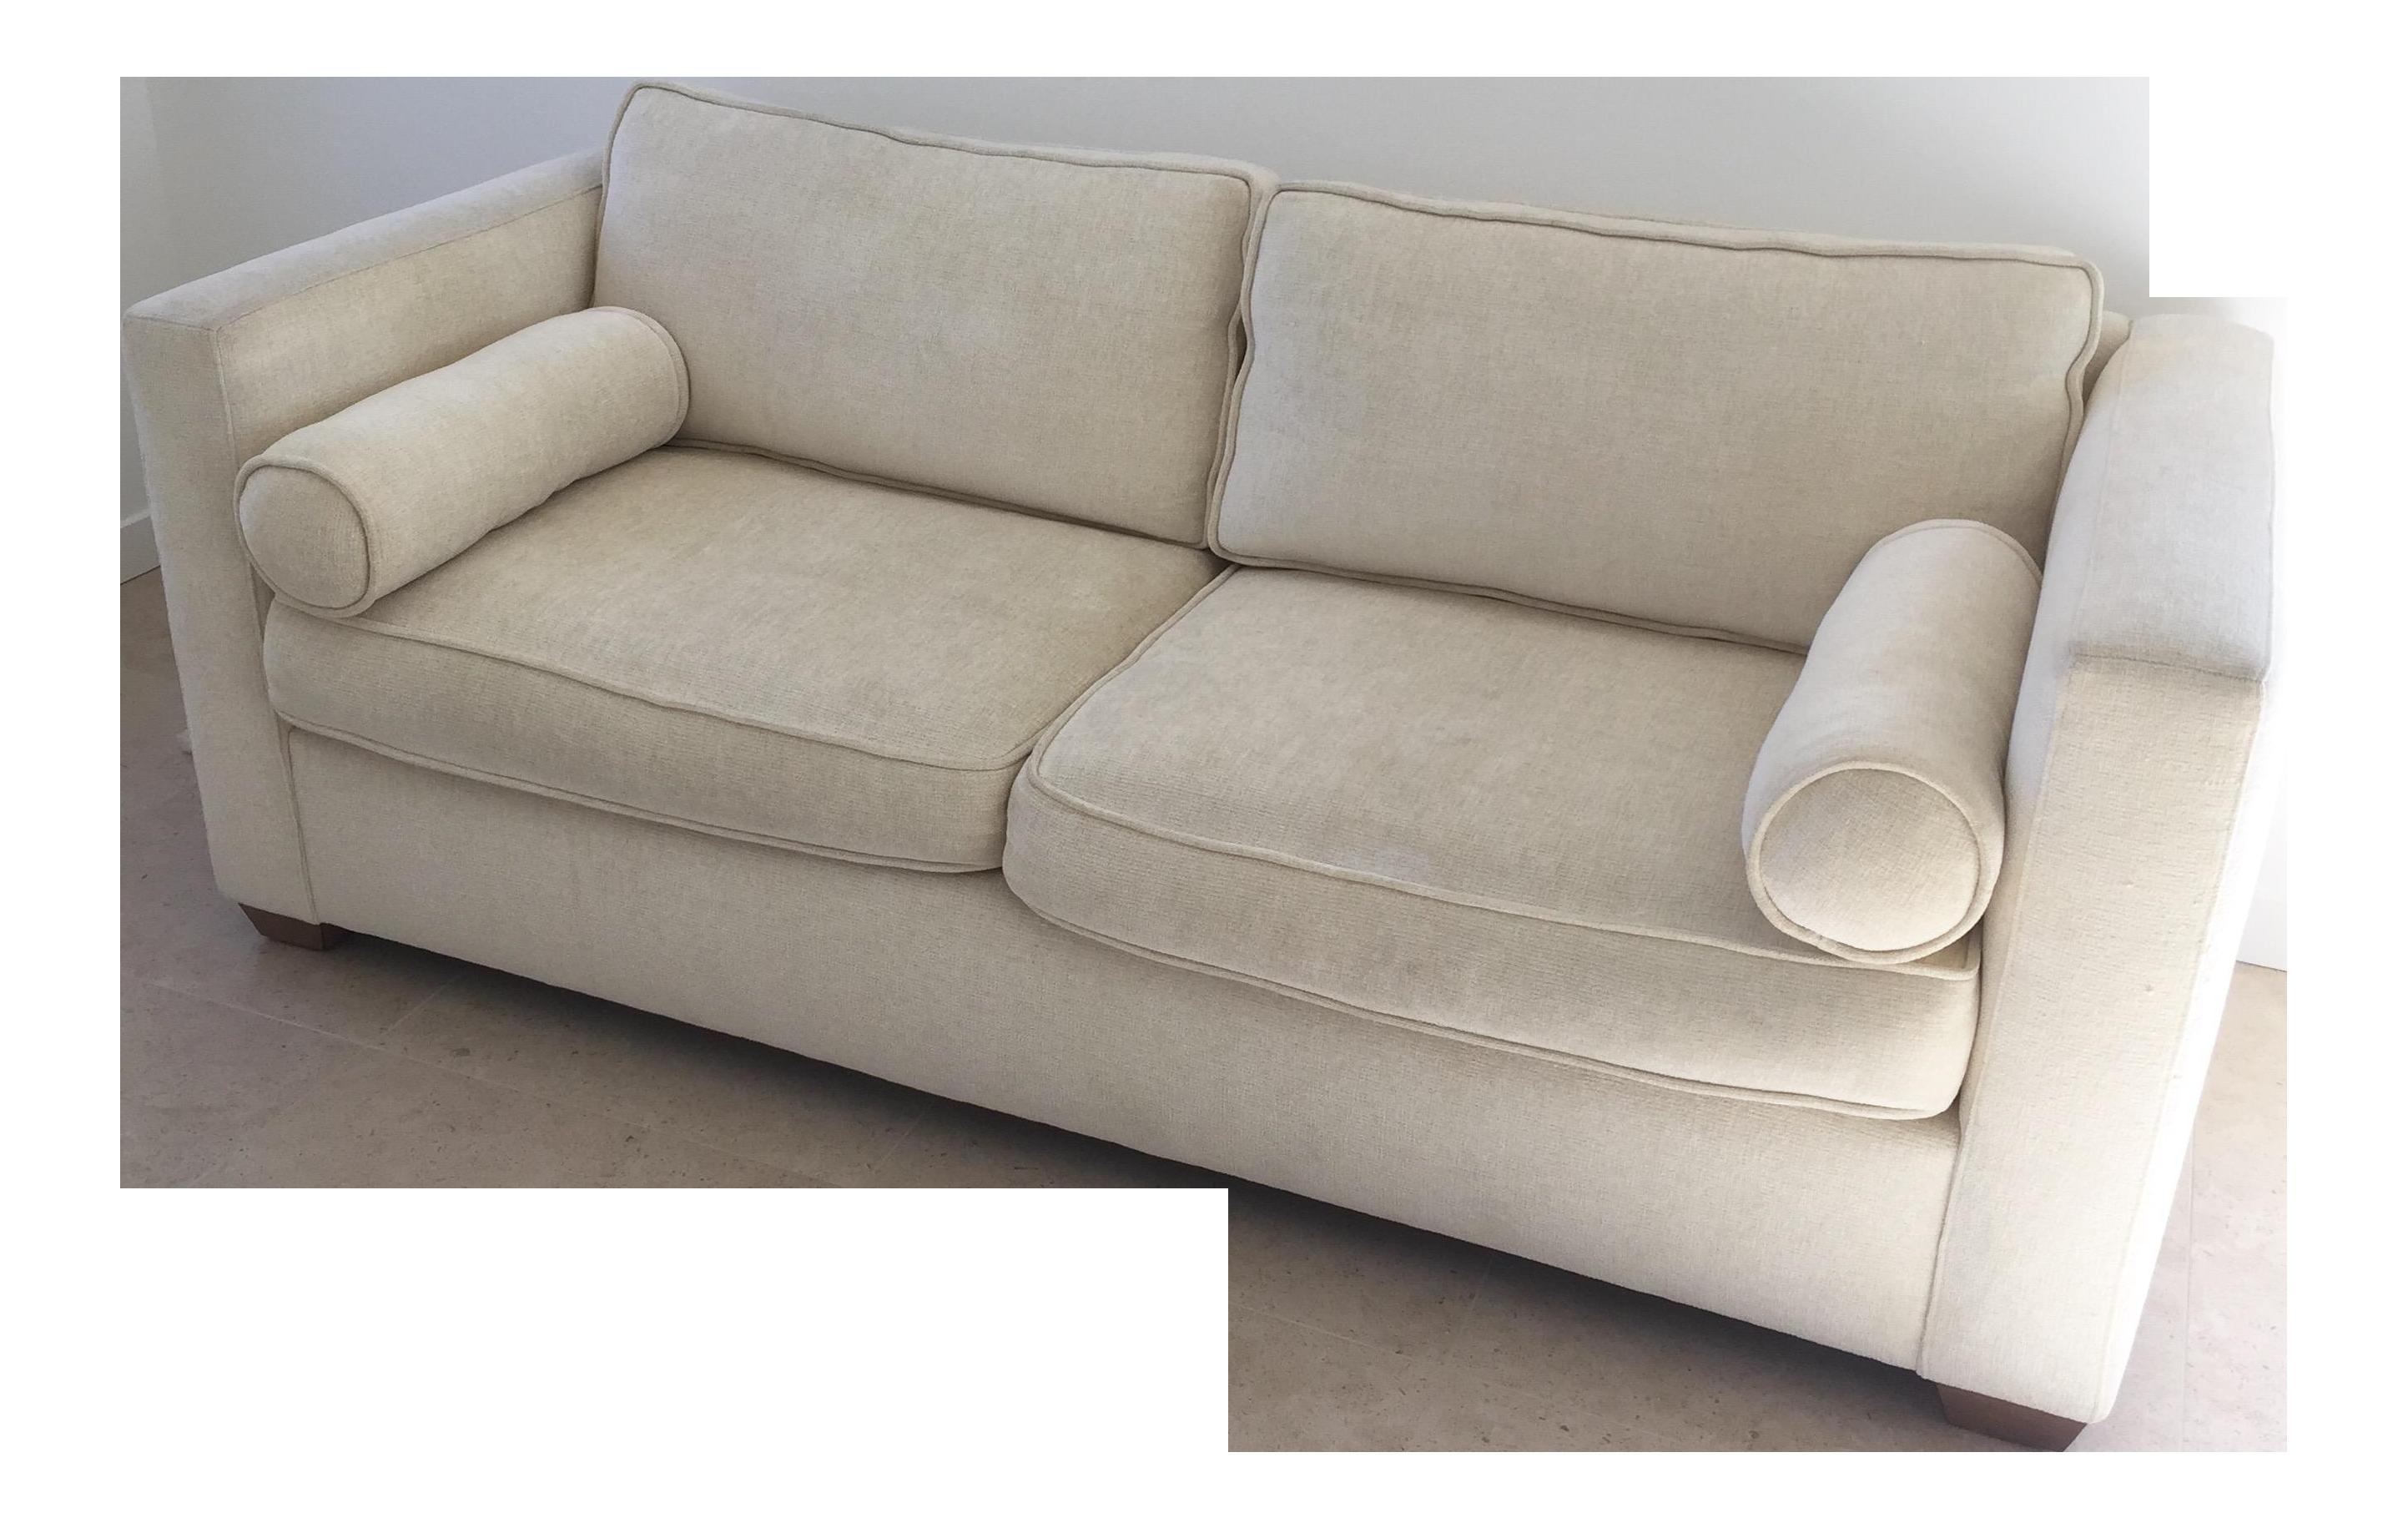 kreiss modern lyon sofa 9572